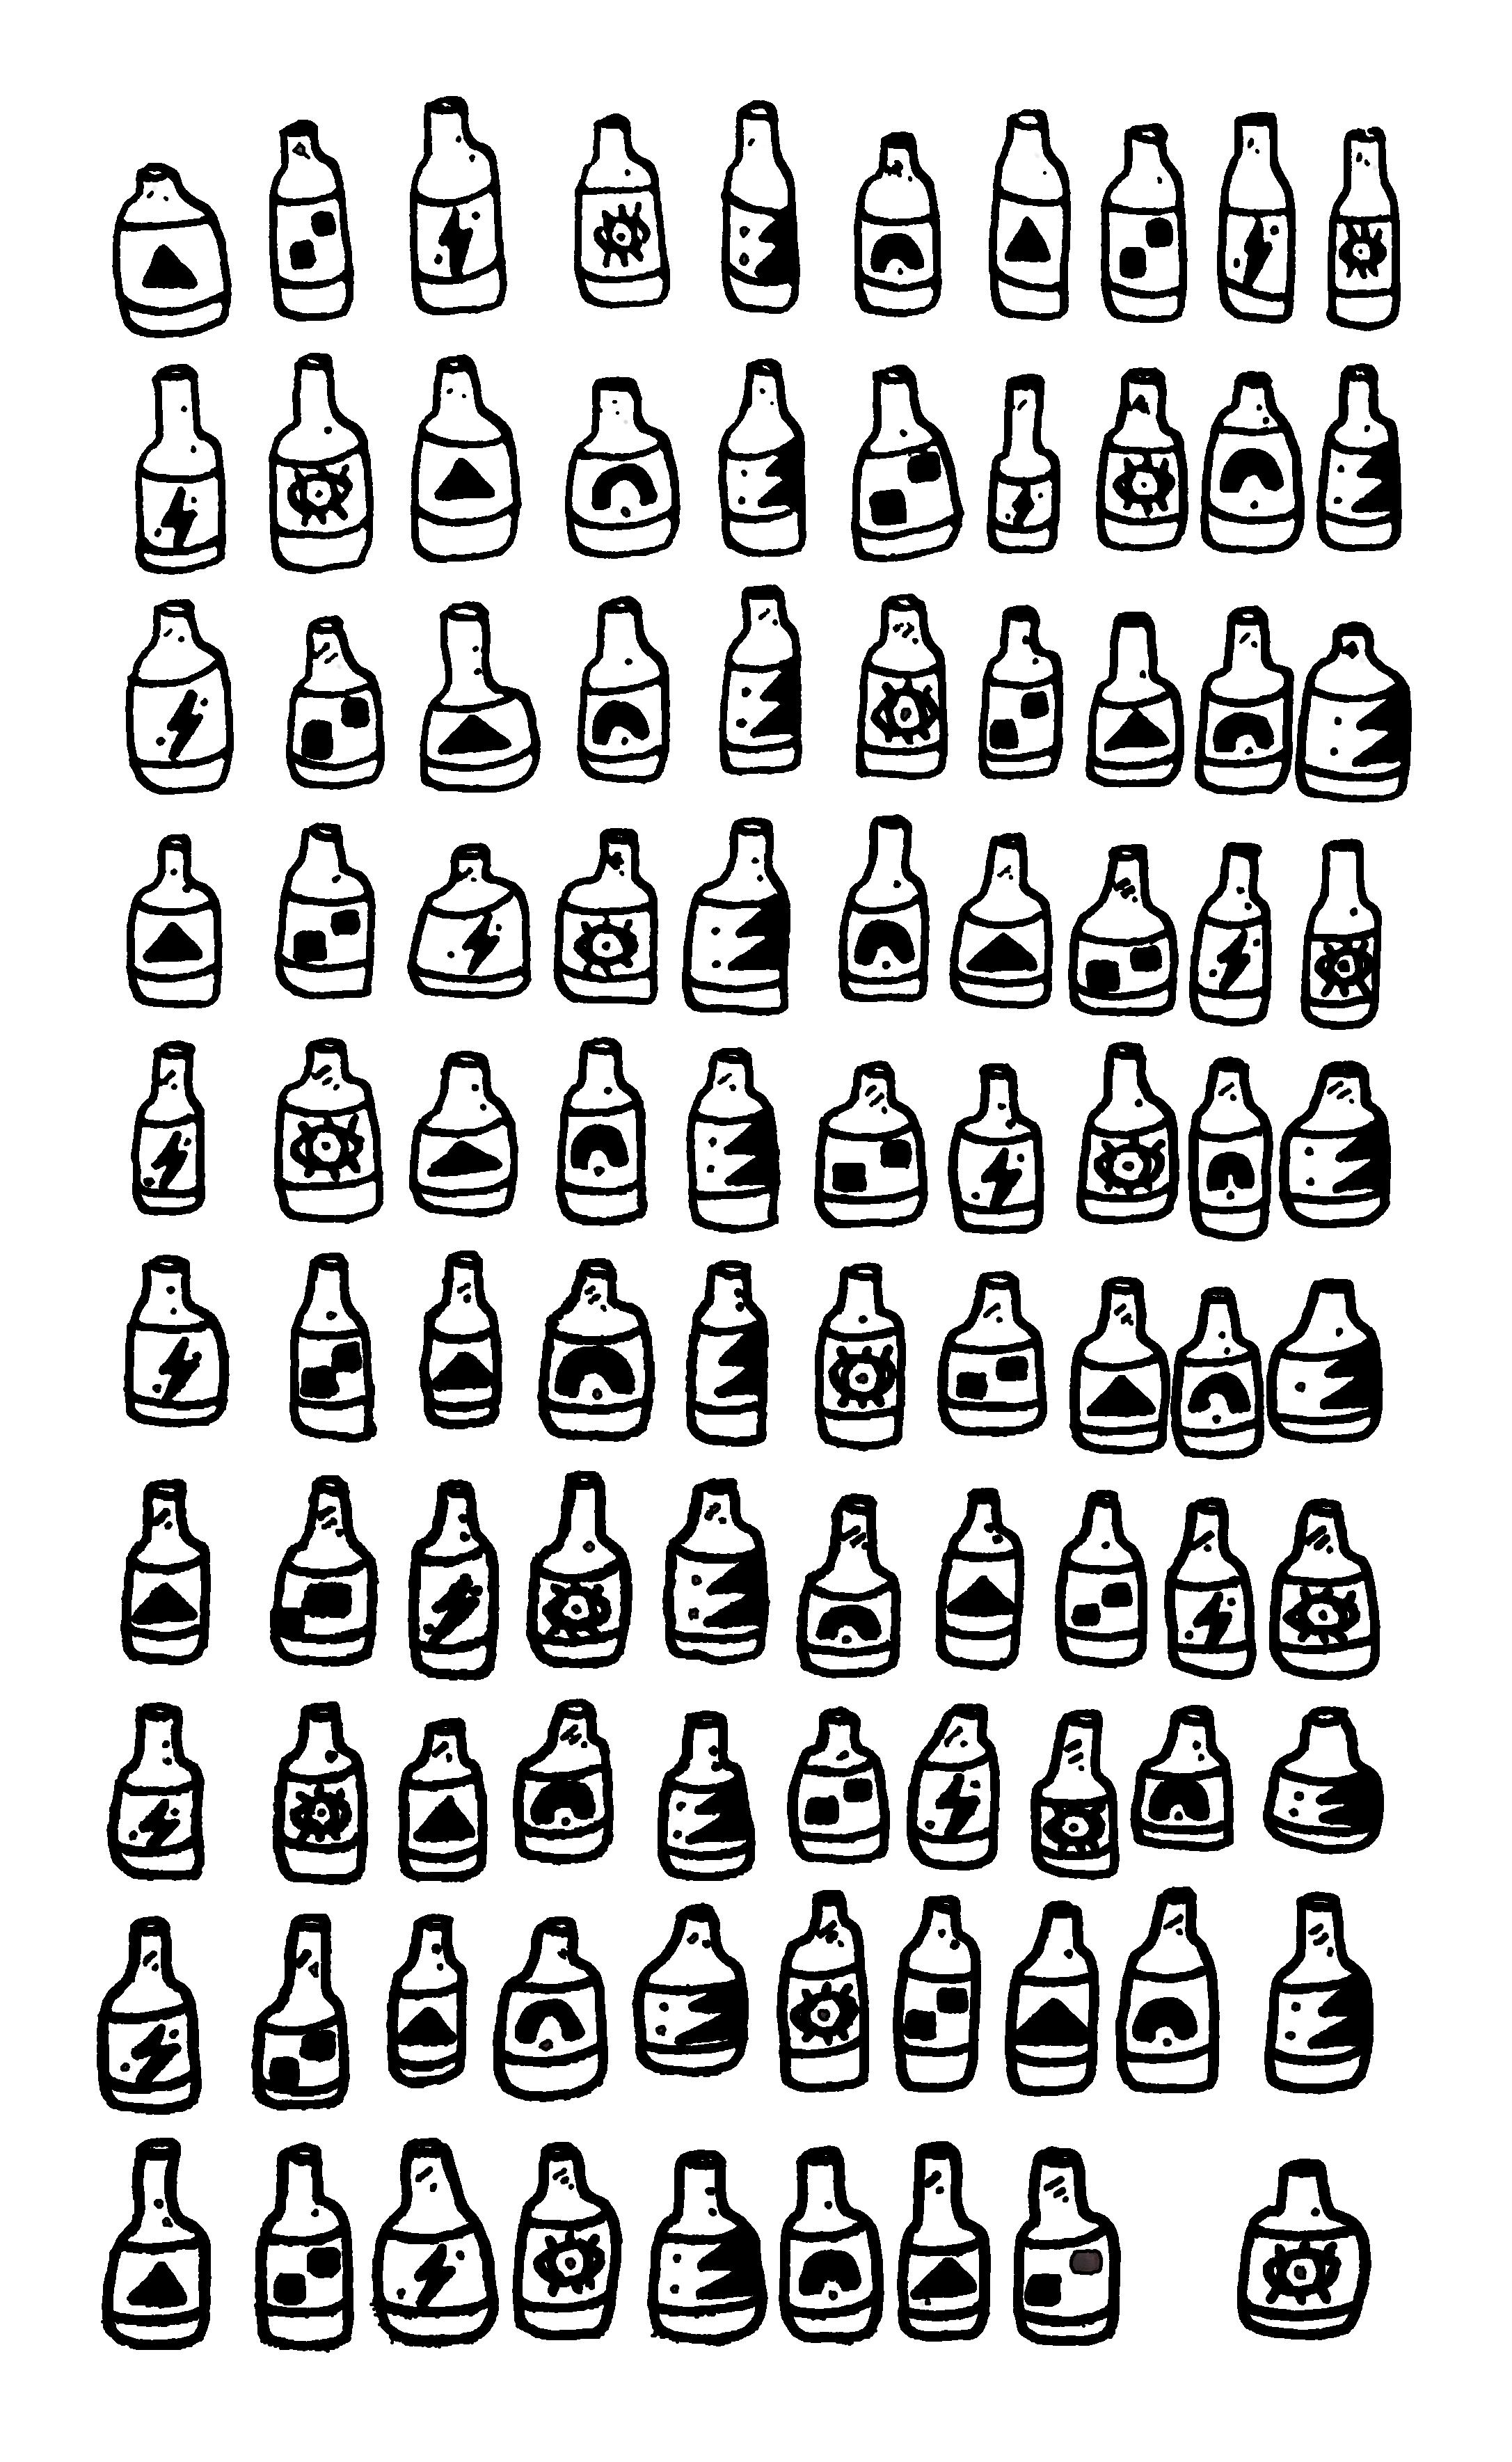 99 Bottles, 2015